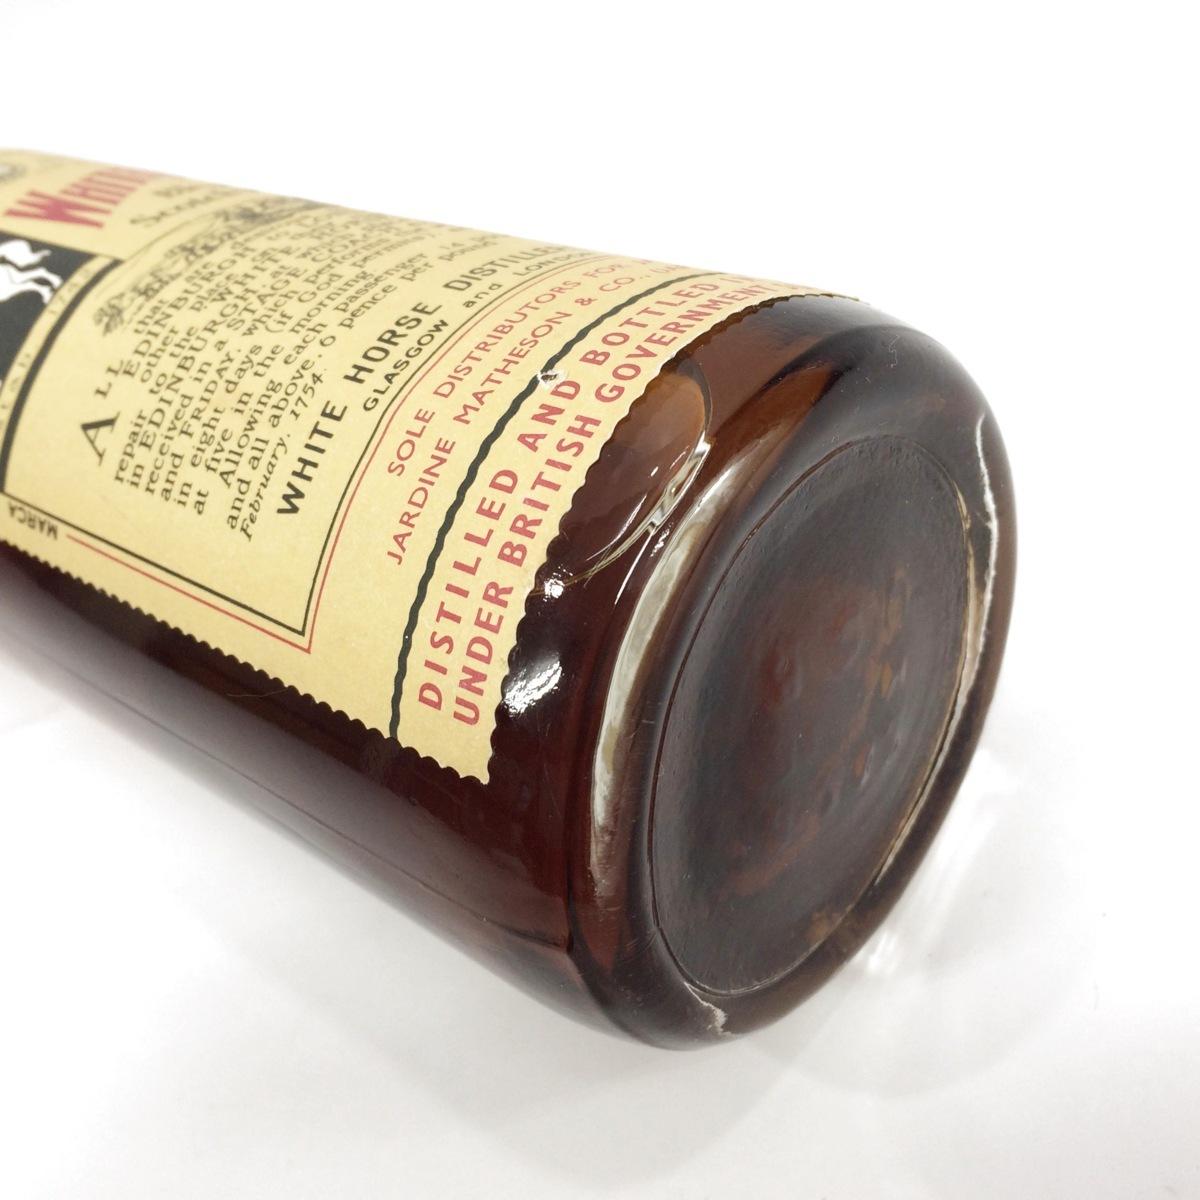 7-1973古酒・未開栓 ホワイトホース ヴィンテージ ティンキャップ スコッチウィスキー 760ml 43%特級 セラー表記_画像10